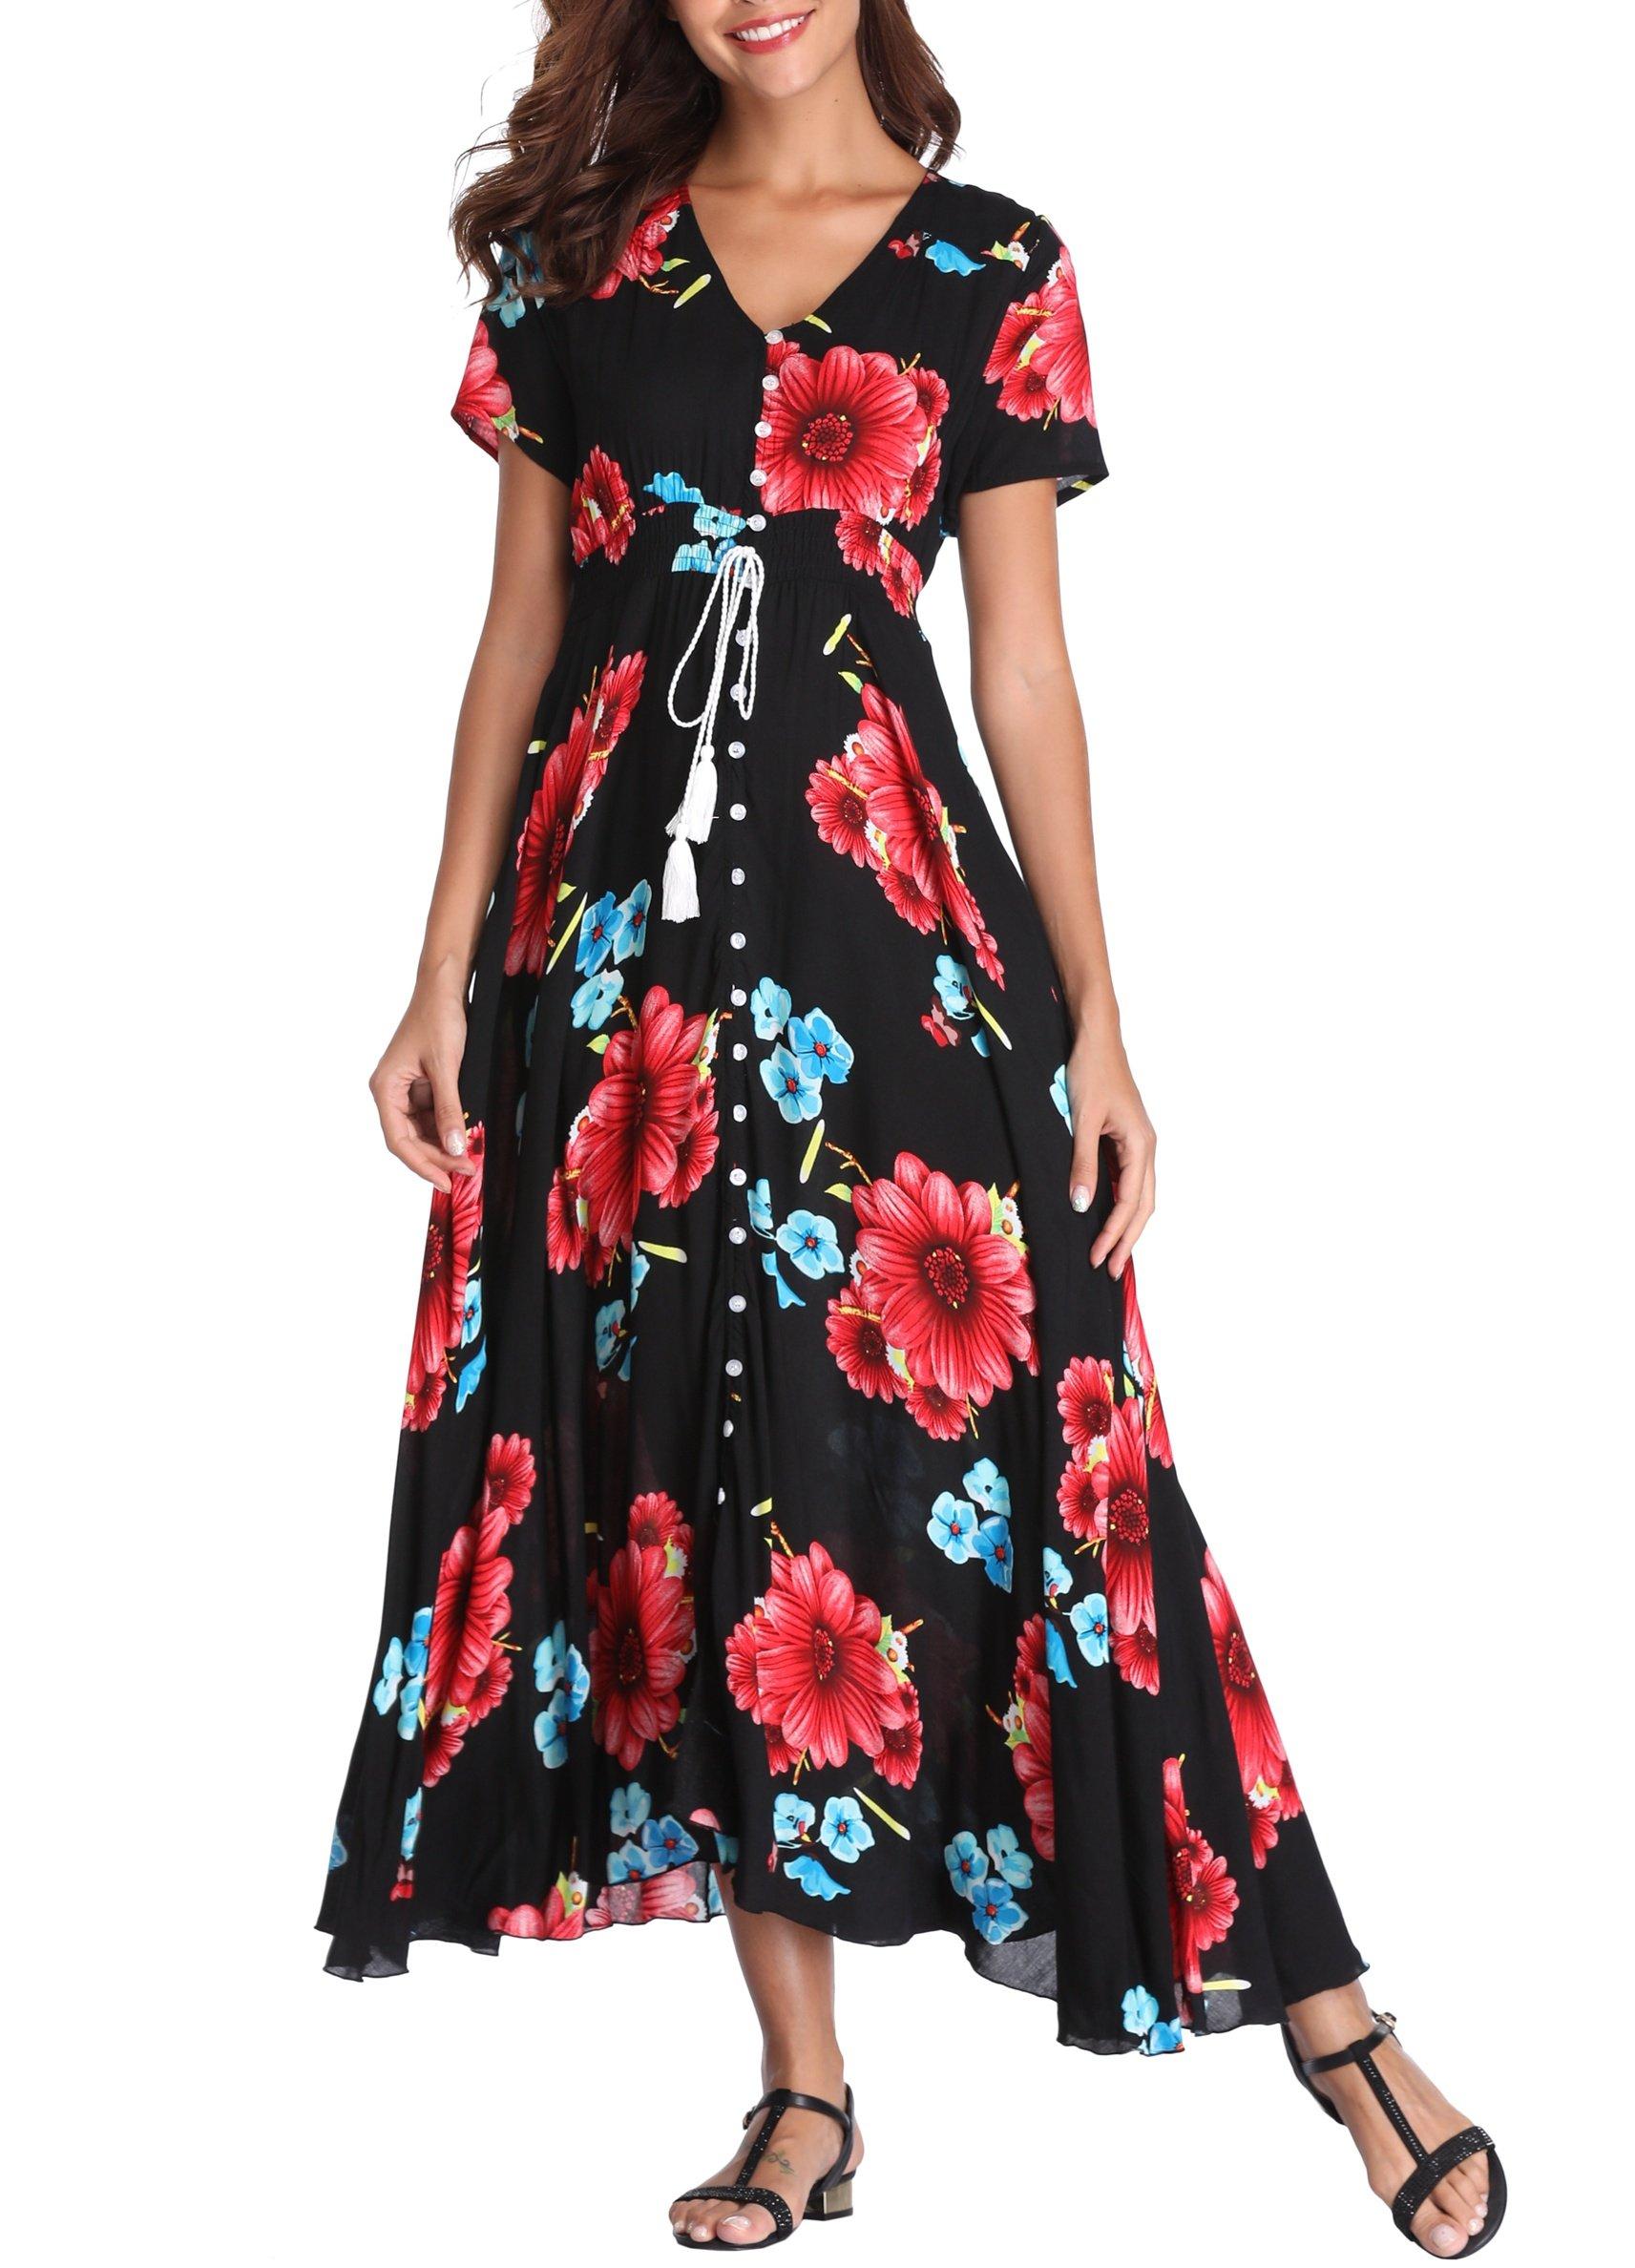 VintageClothing Women's Floral Print Maxi Dresses Boho Button Up Split Beach Party Dress, Black&Red Flower, L